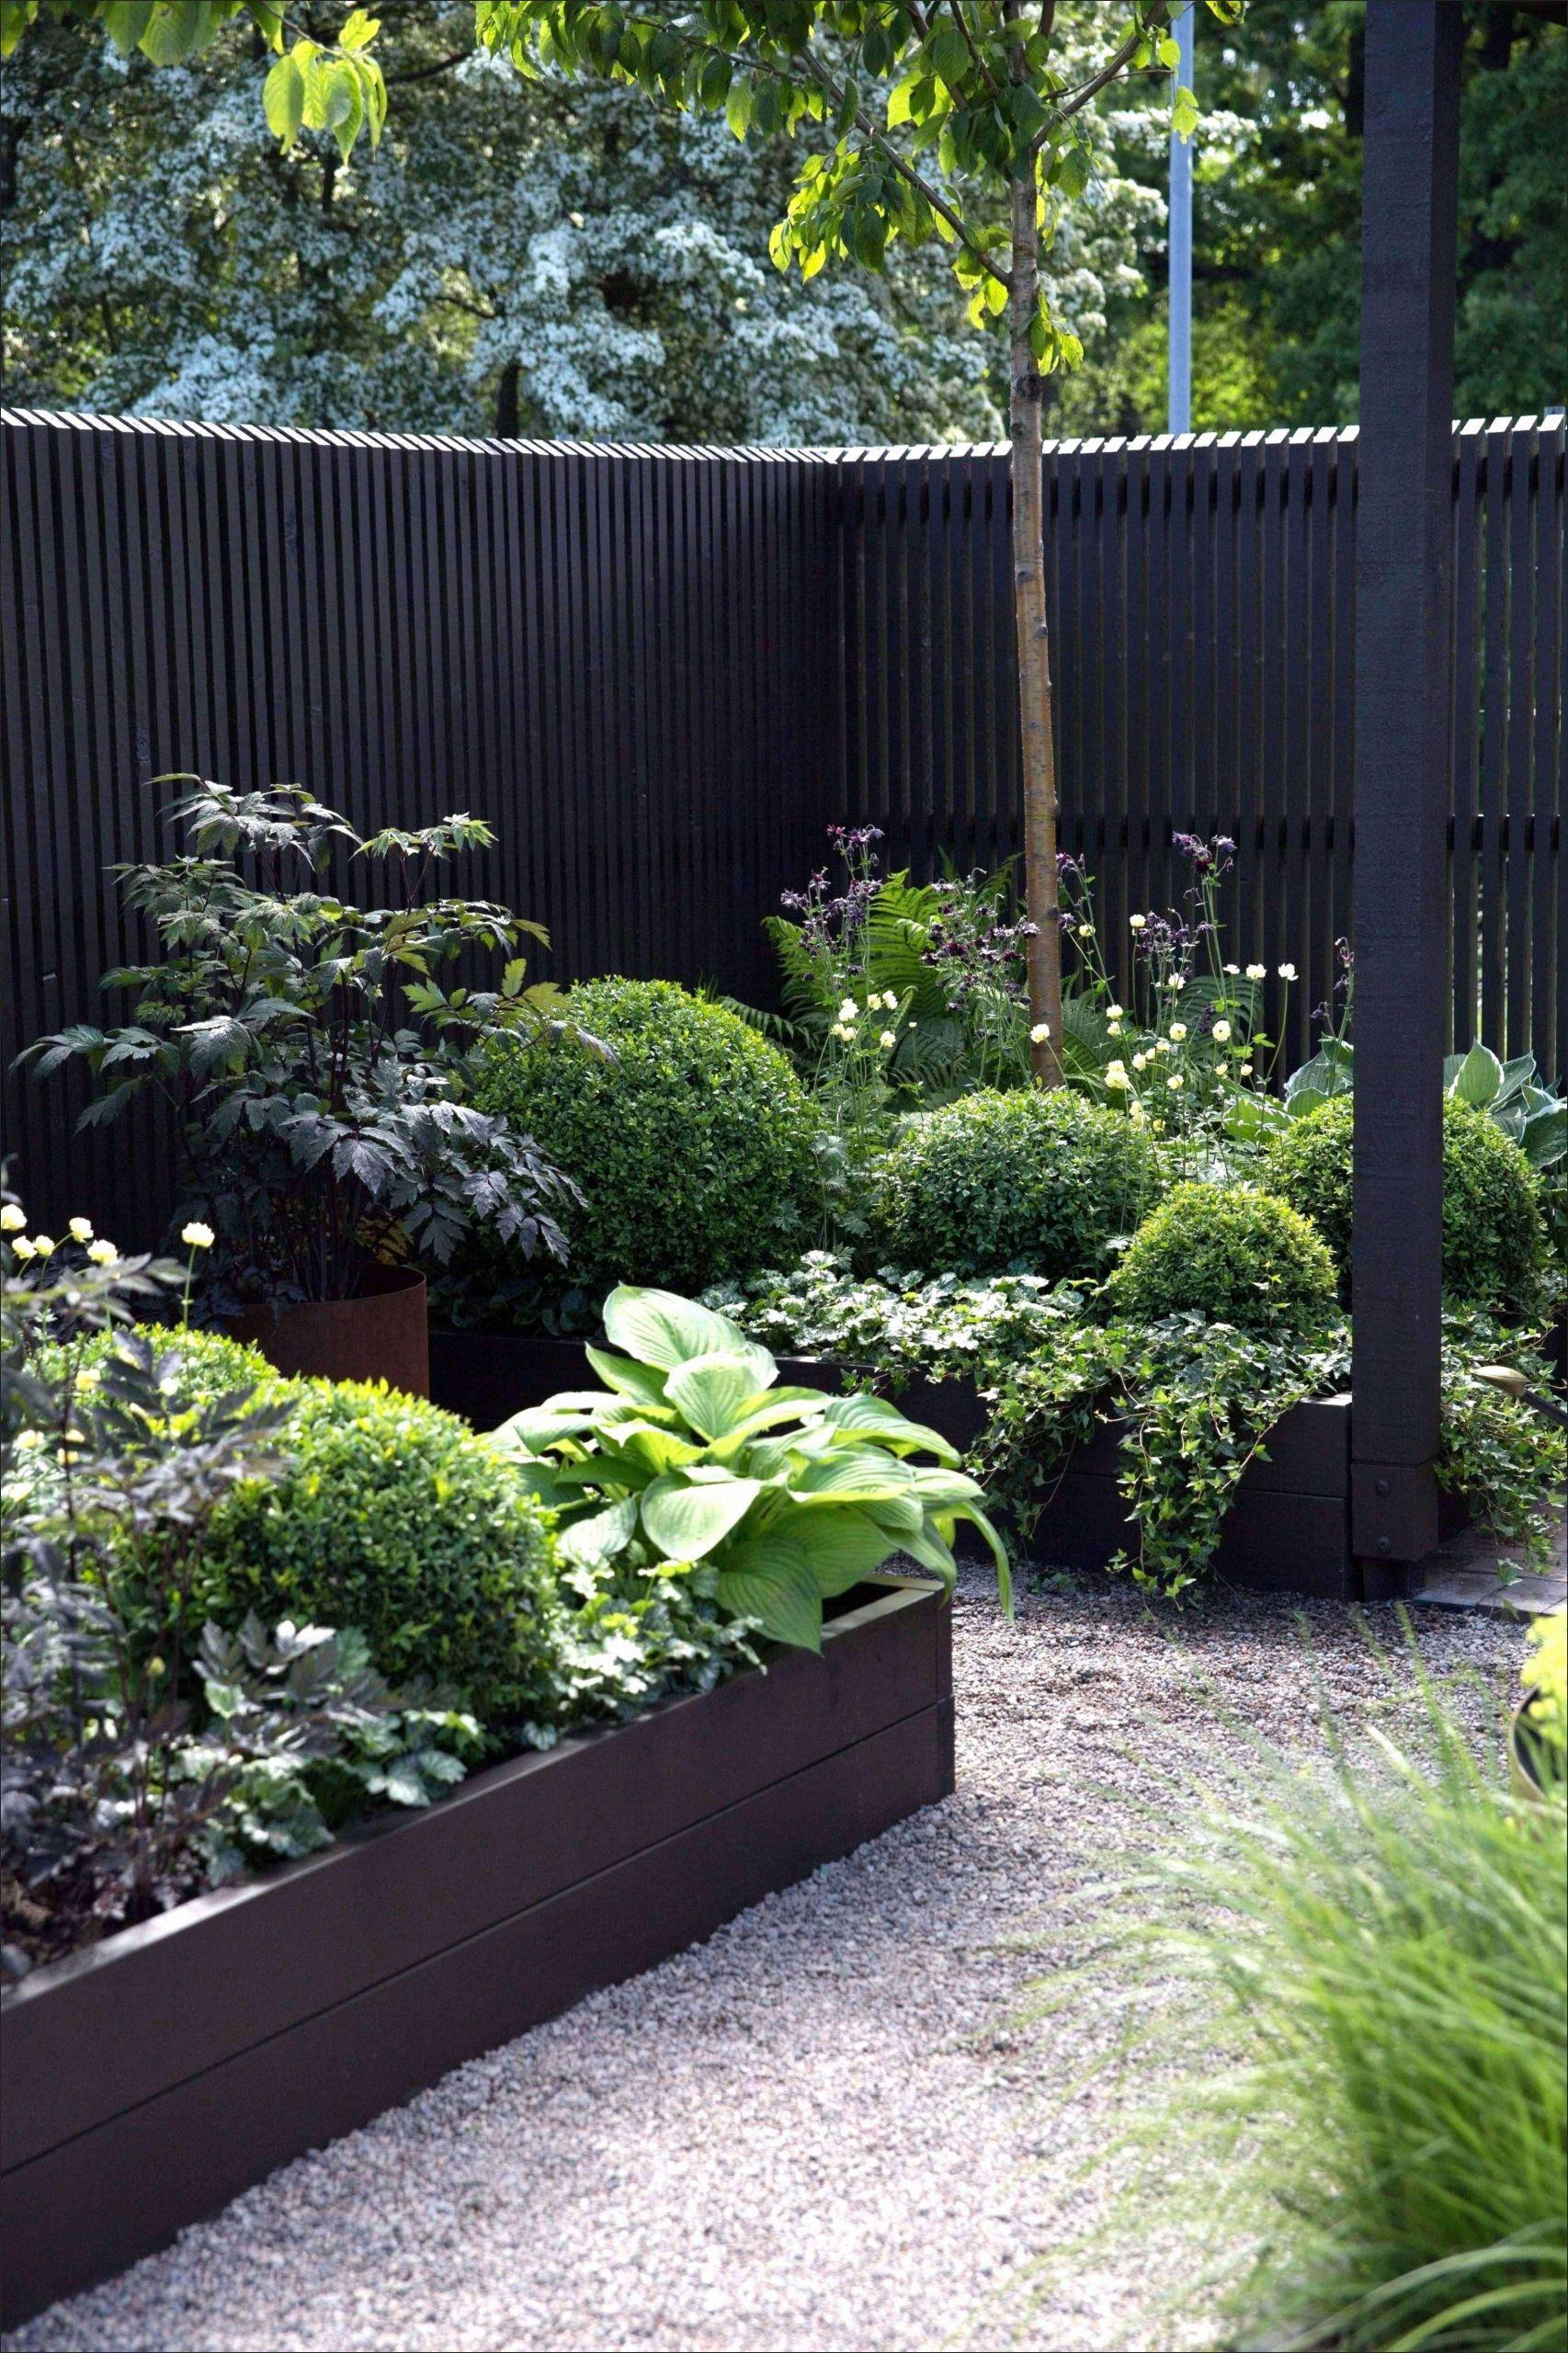 Spielplatz Im Garten Frisch Spielplatz Im Garten Ideen — Temobardz Home Blog